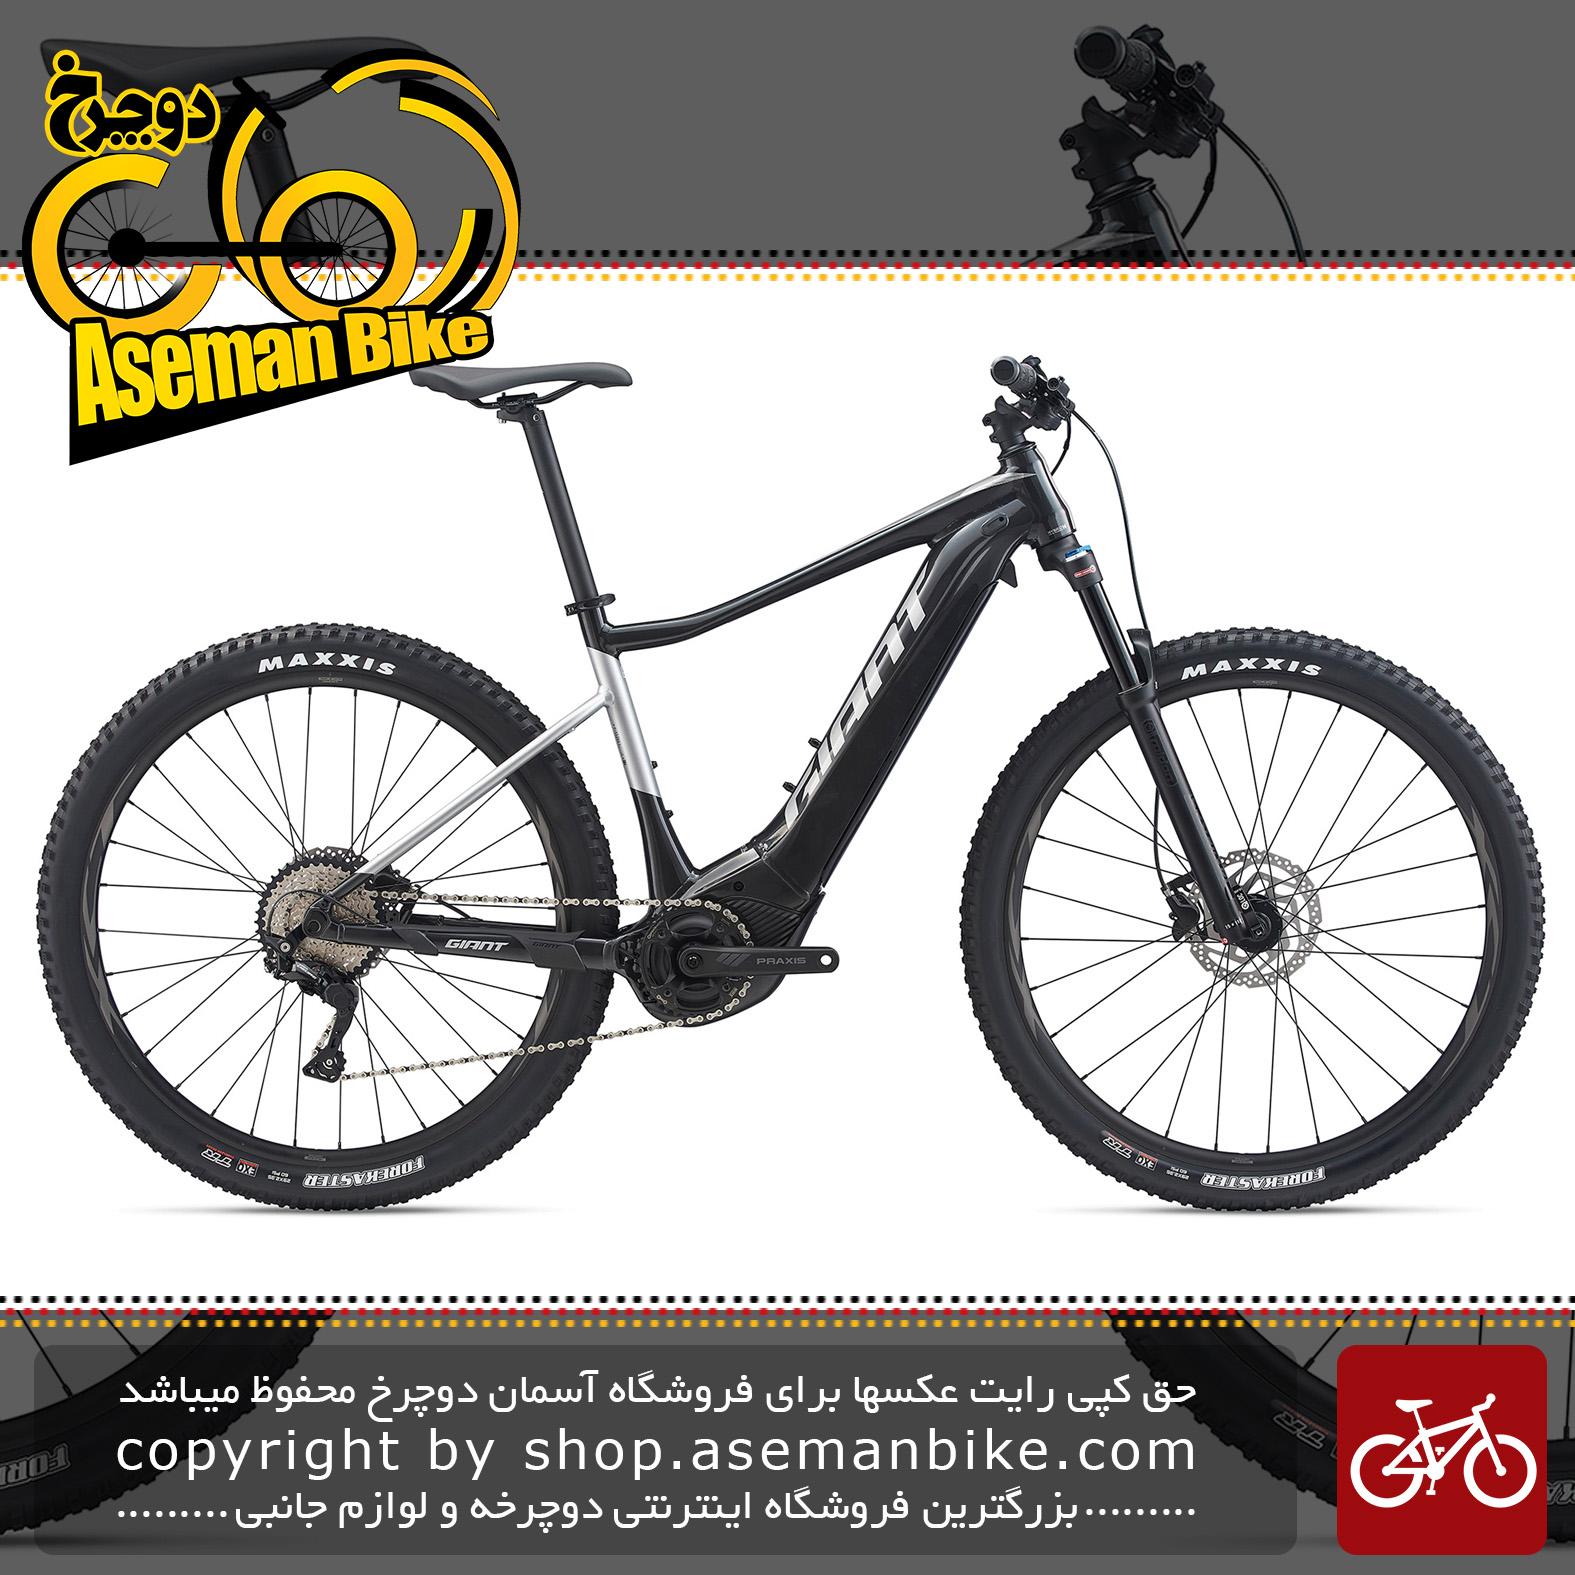 دوچرخه کوهستان برقی جاینت مدل فدم ای پلاس 2 پرو 29 2020 Giant Mountain Bicycle Fathom E+ 2 Pro 29 2020